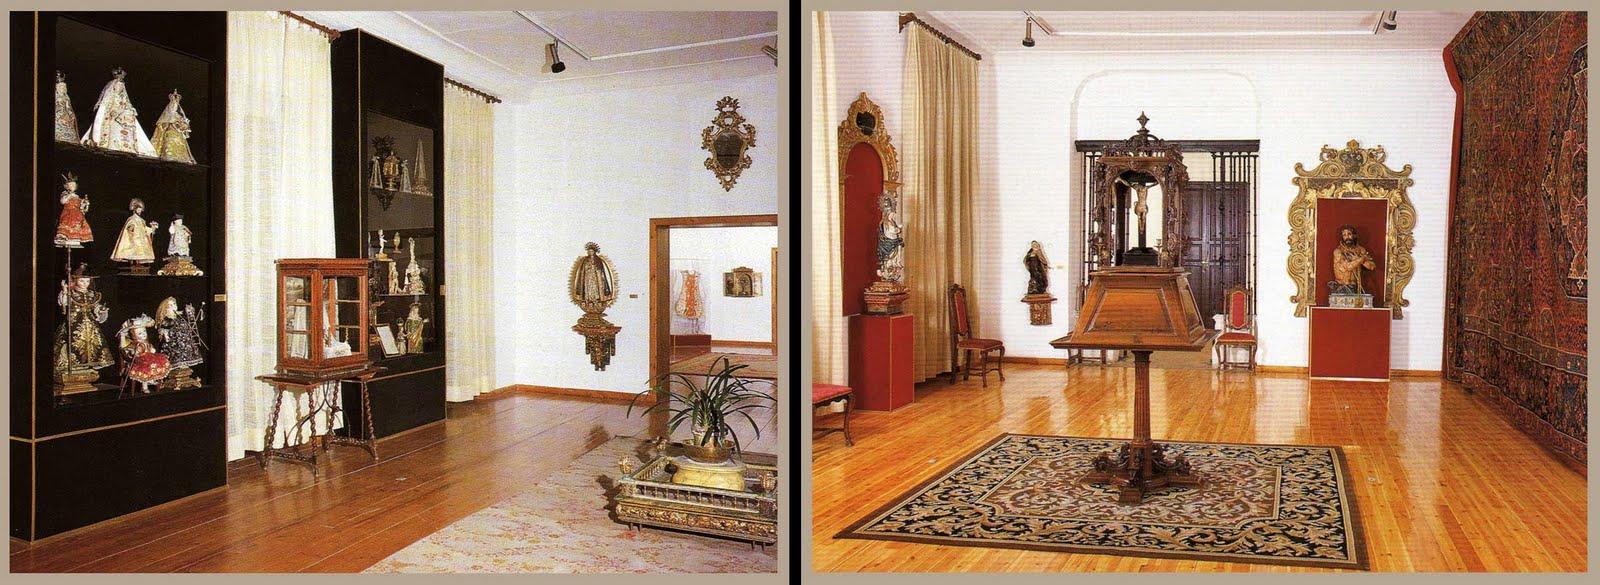 Domvs pvcelae un museo interesante real monasterio de - Santa ana valladolid ...